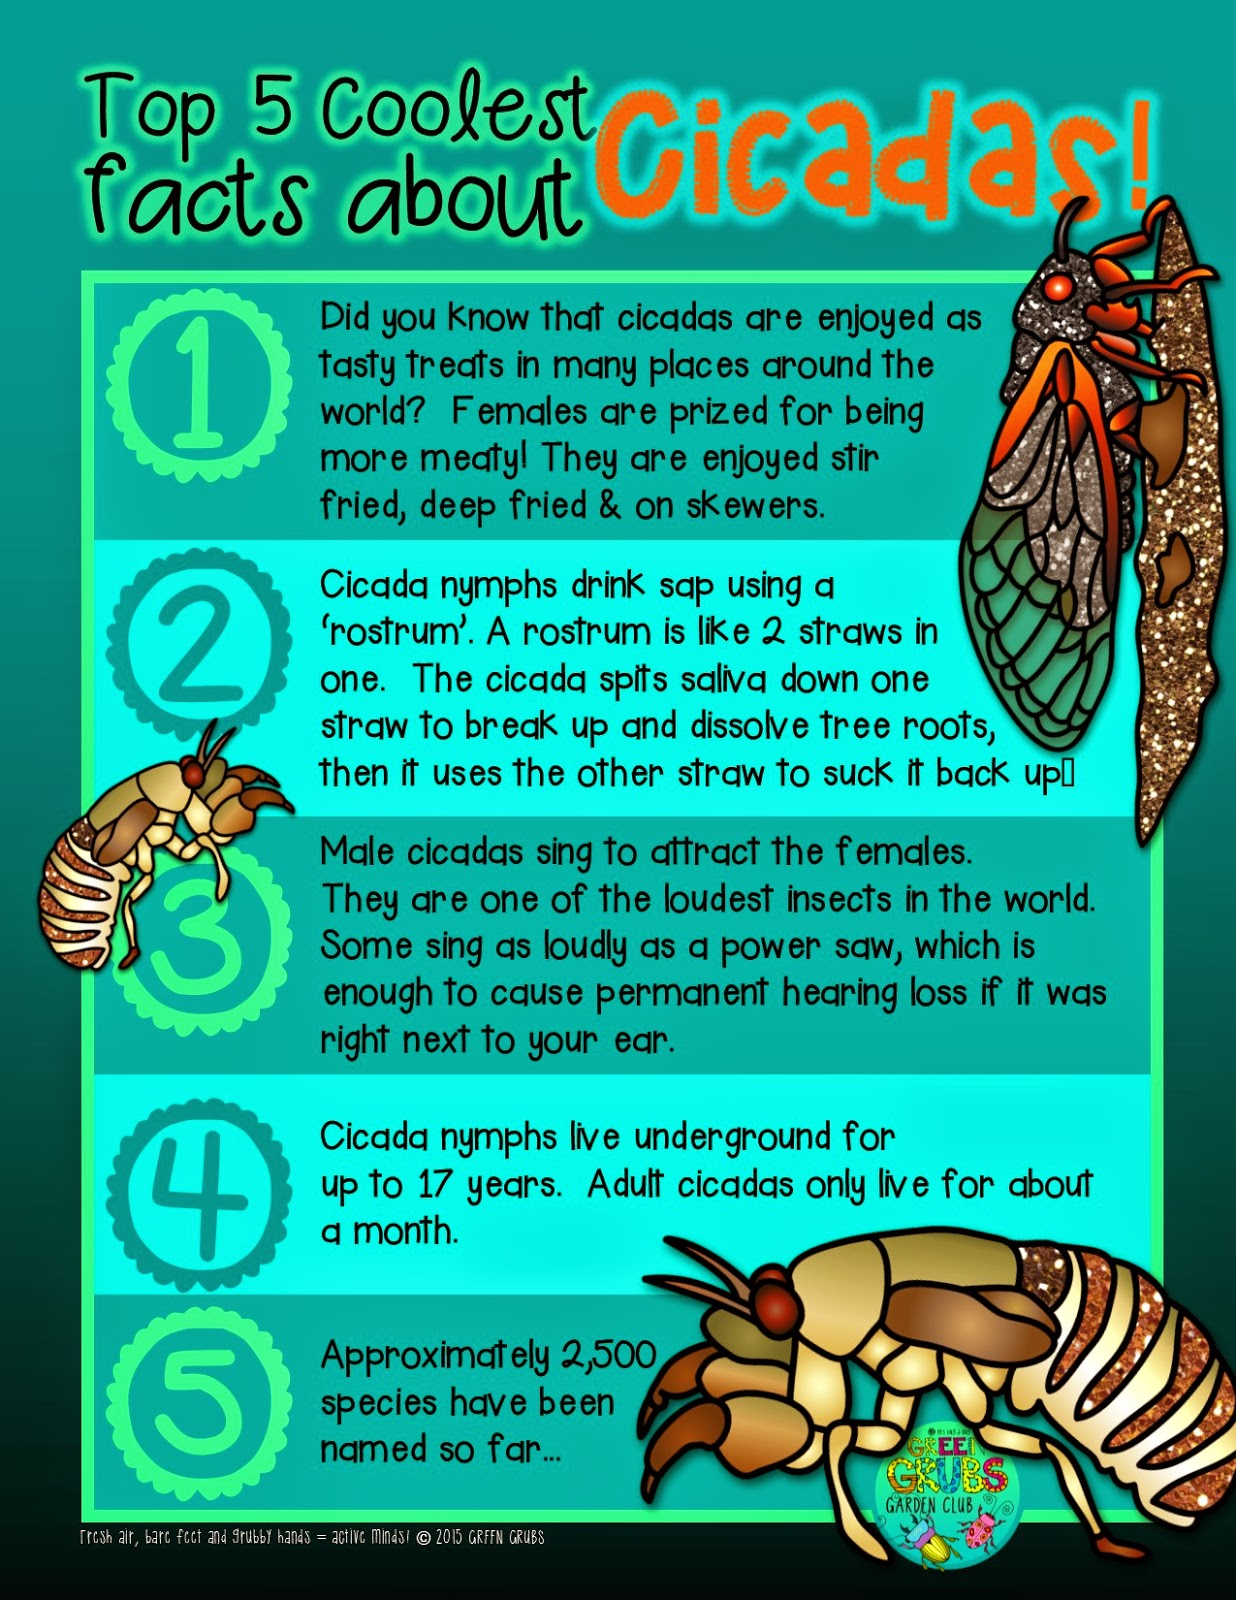 Green Grubs Garden Club Top 5 Coolest Facts About Cicadas